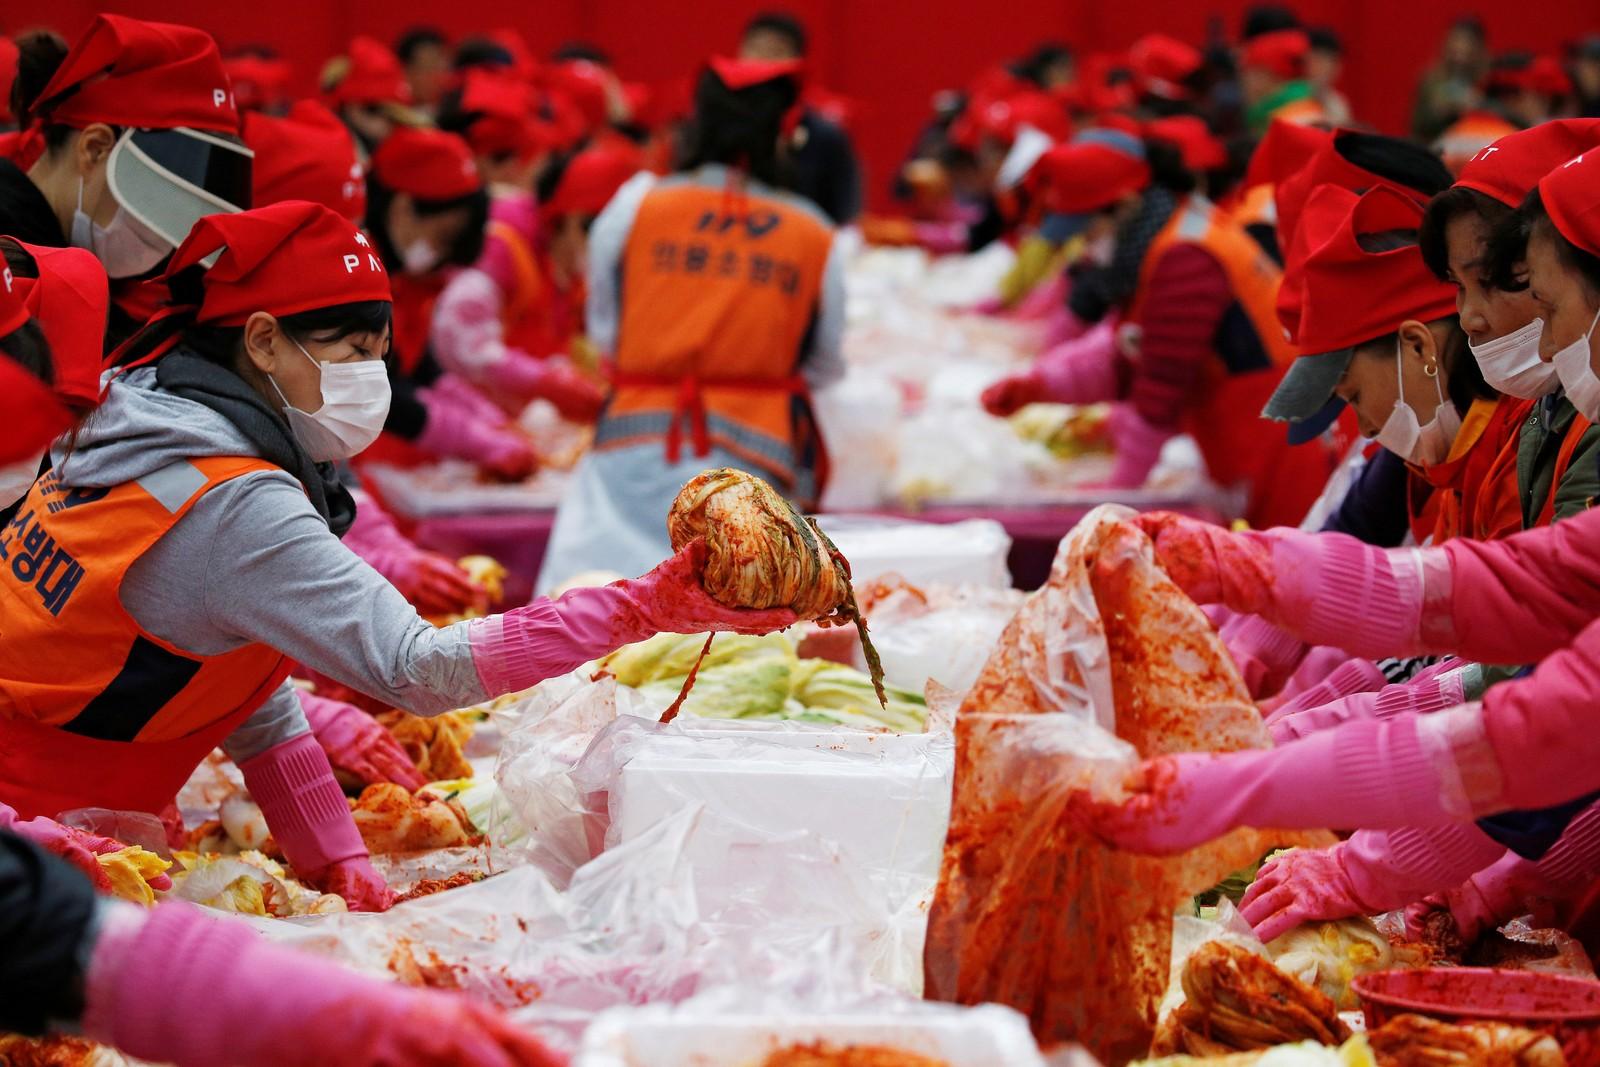 Lekkert. Kimchifestival i Seoul i Sør-Korea.